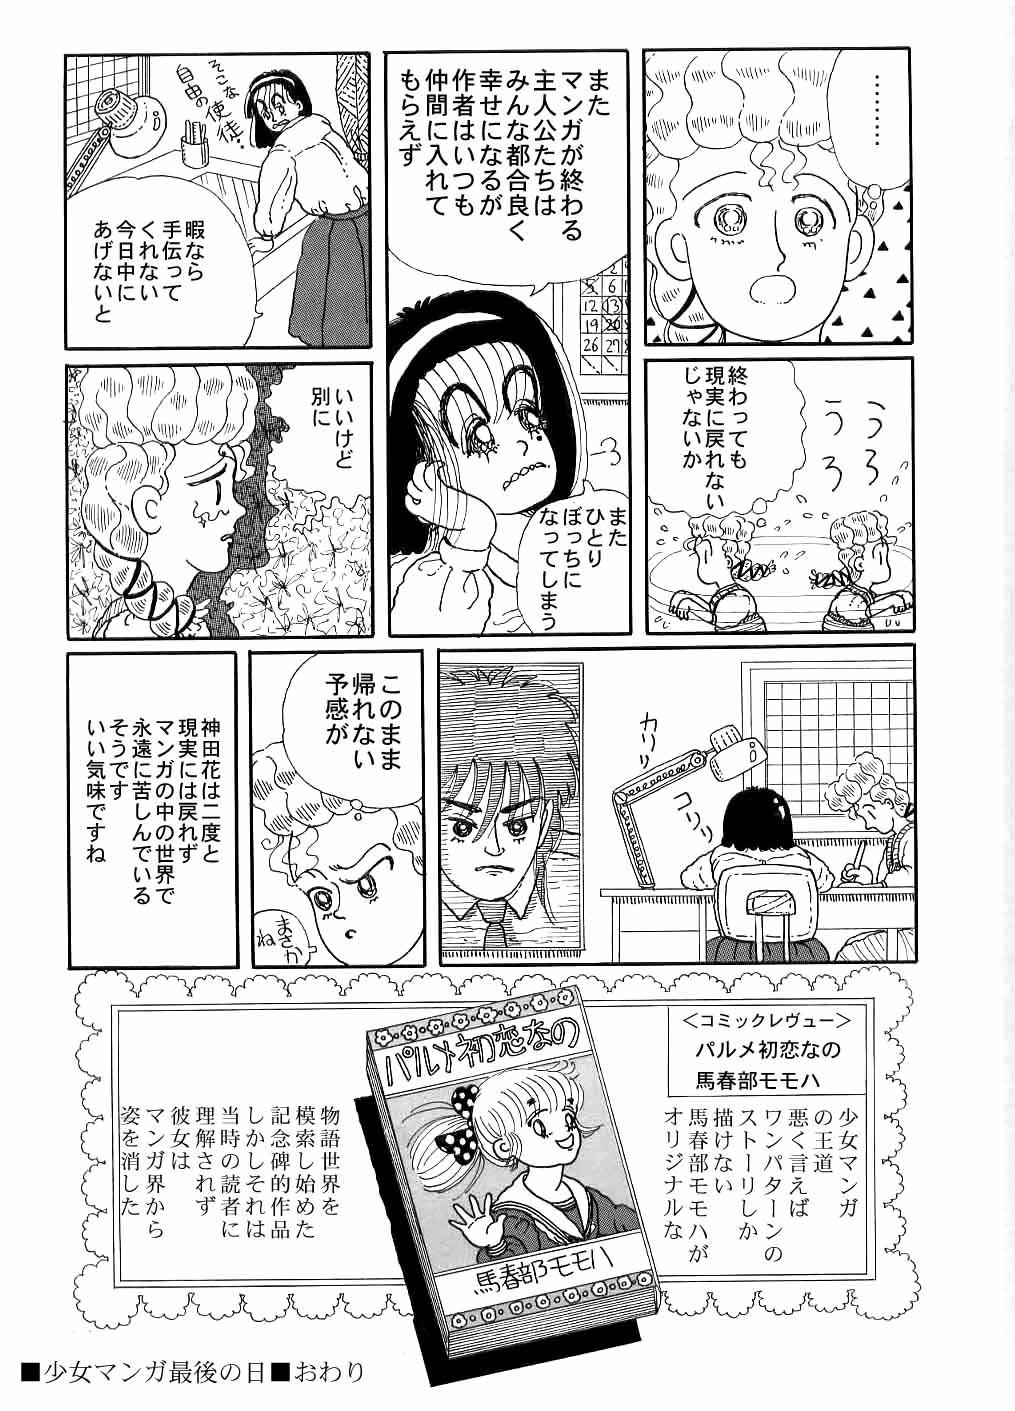 ホラー漫画画像32_20110122034028.jpg